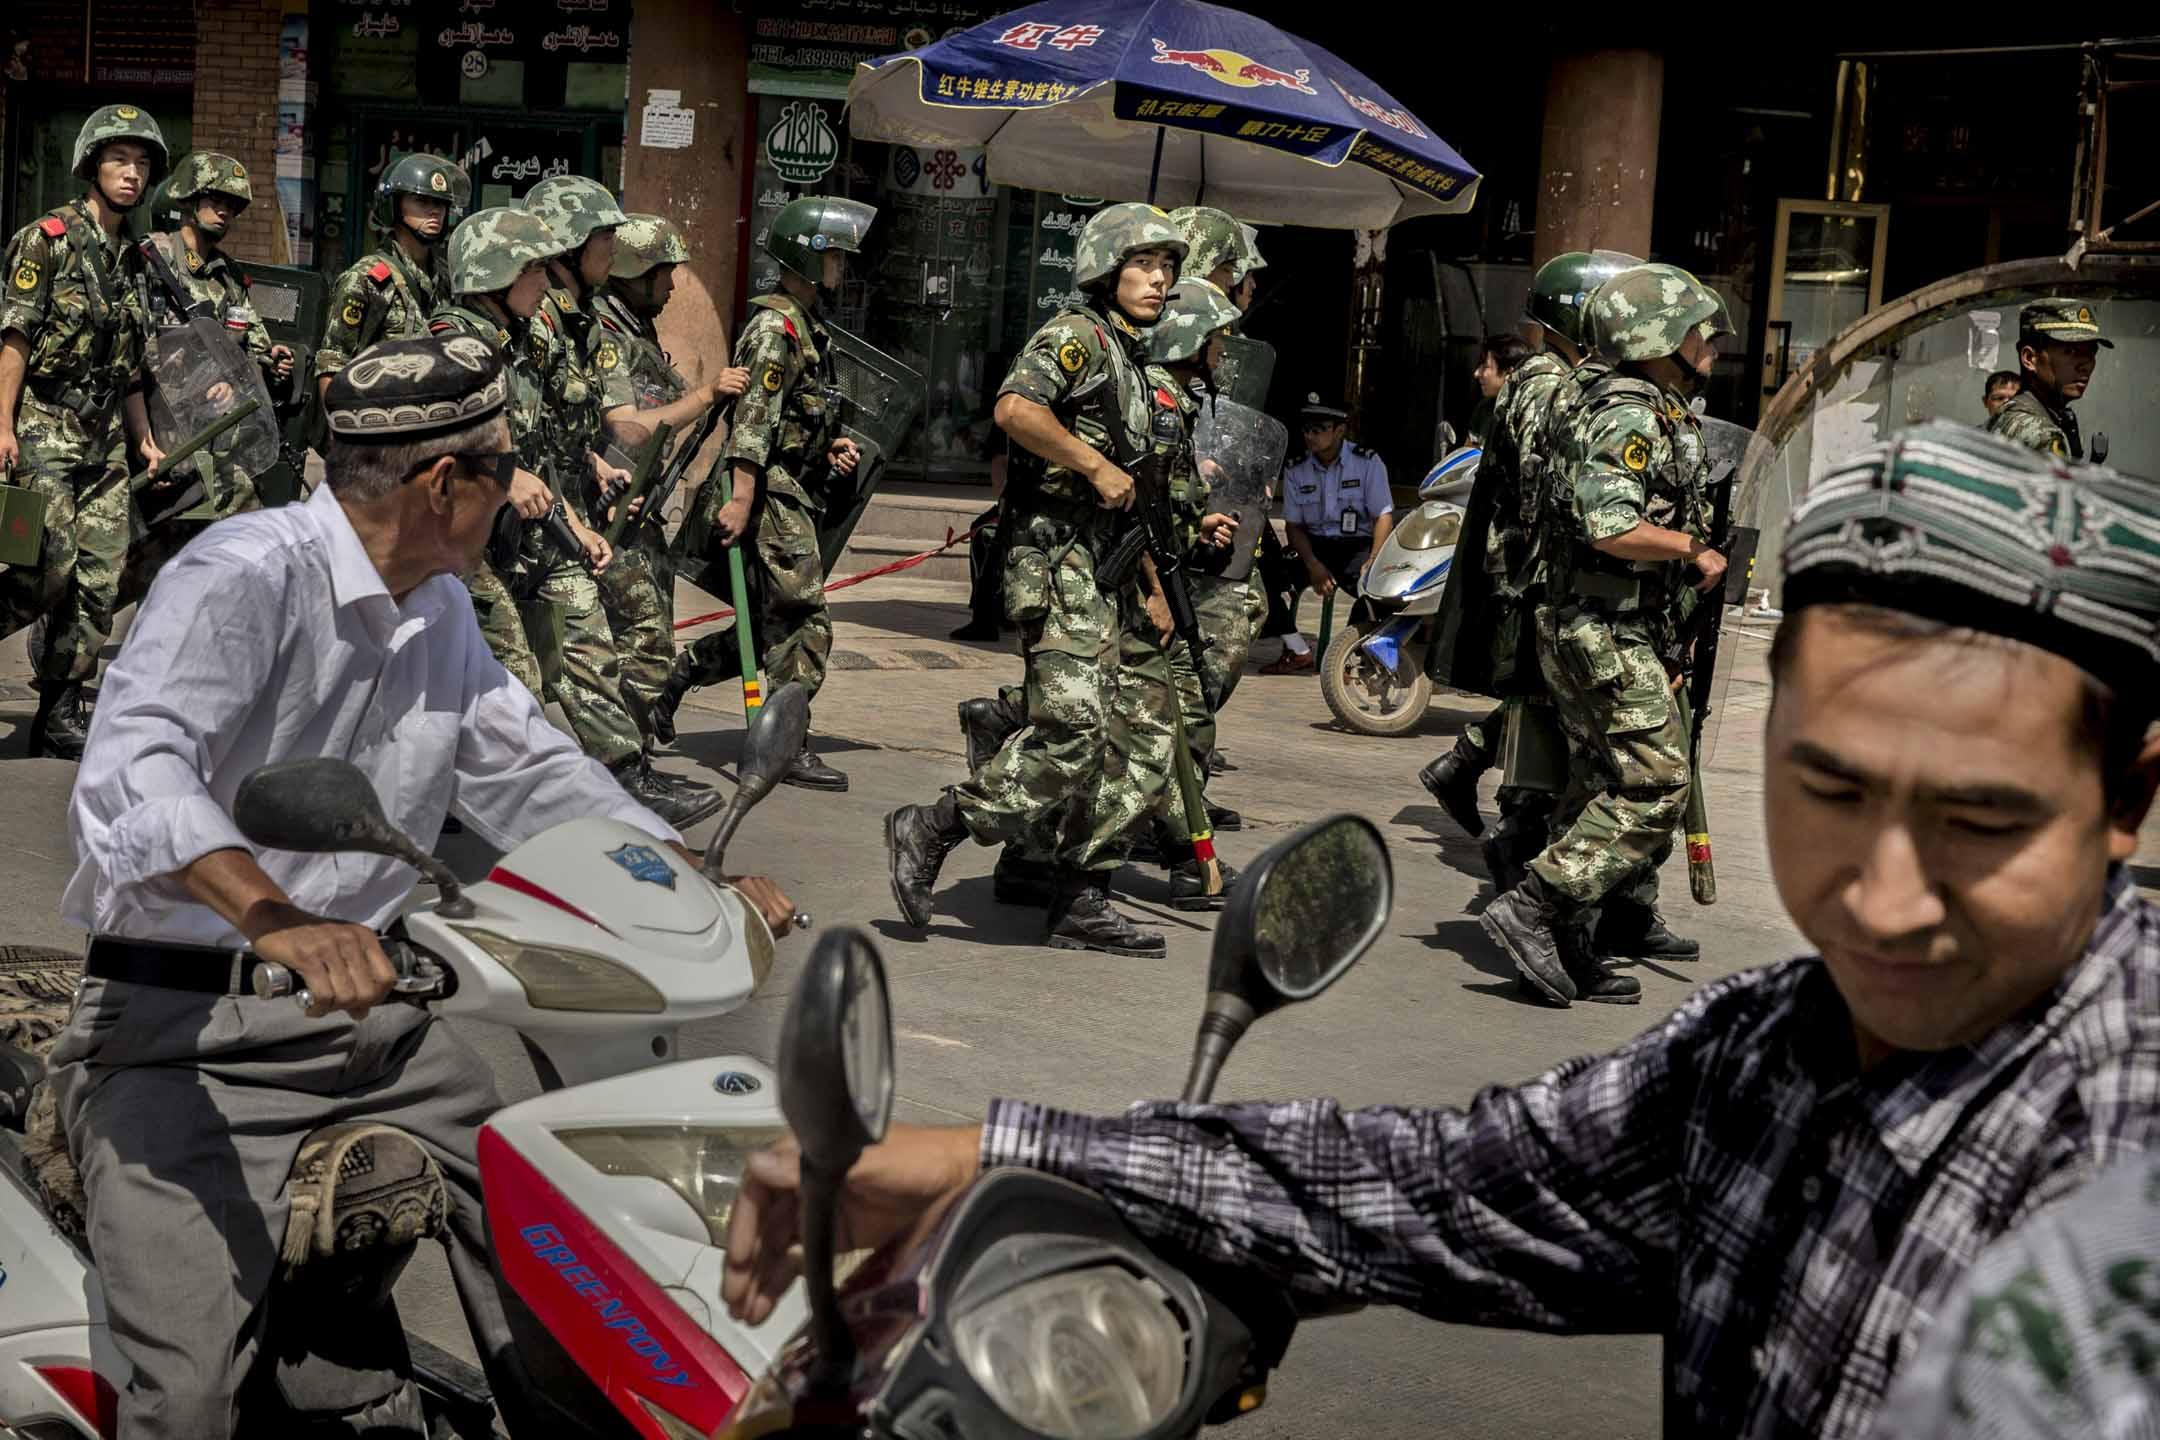 2014年7月31日,新疆維吾爾自治區,武警在一間清真寺附近巡邏。